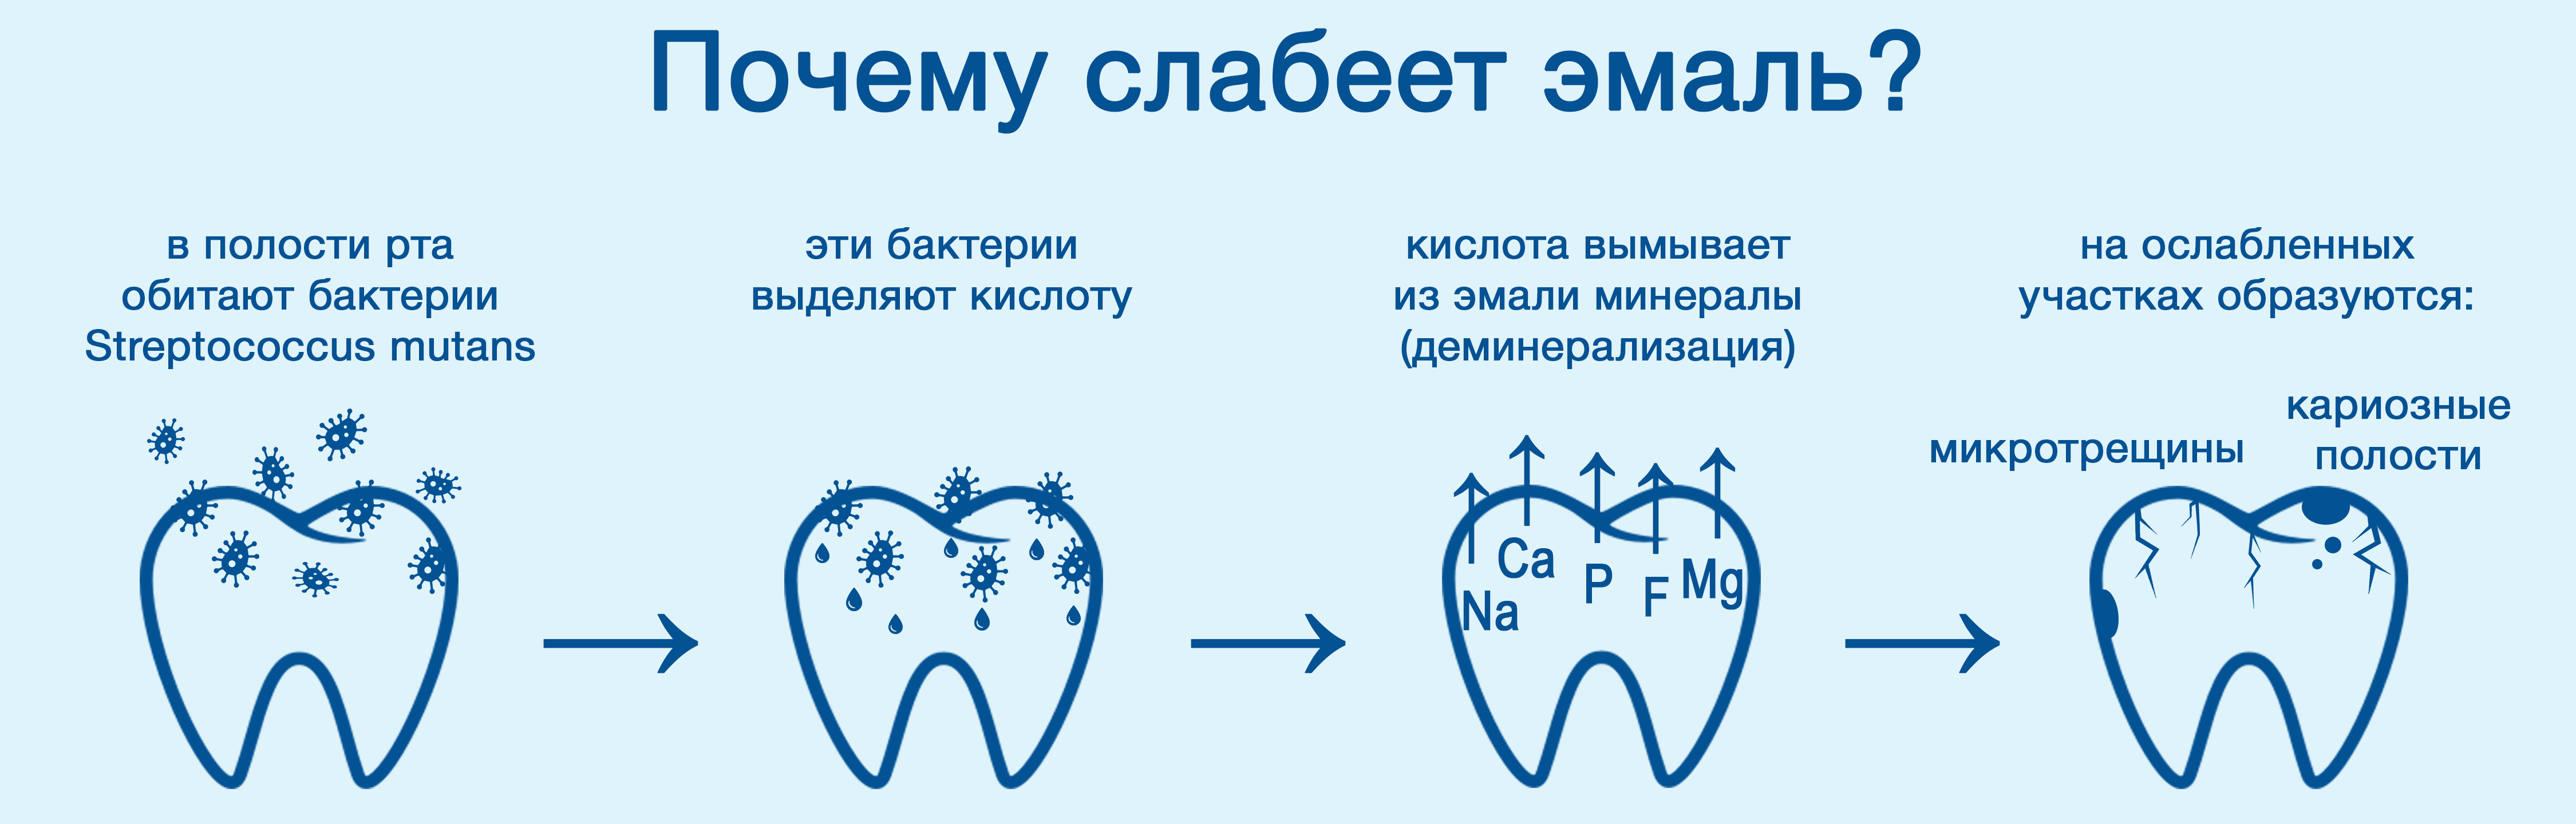 причины необходимости профессиональной чистки зубов у стоматолога в клинике ДАША